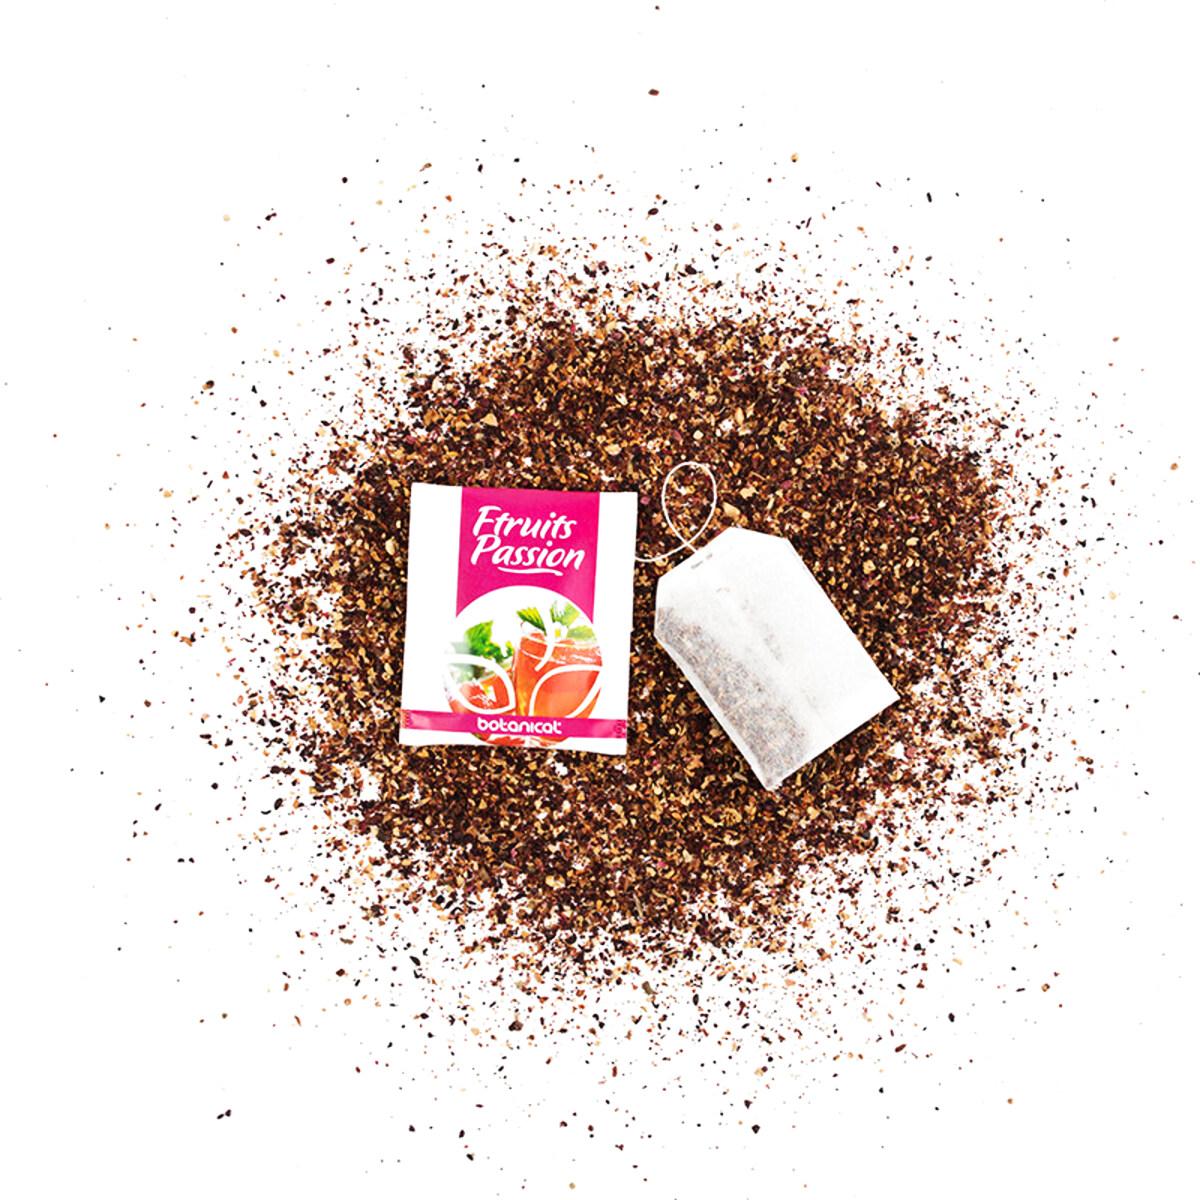 Seria Catering Botanical ceai Pasiune de fructe - 100 buc. de plicuri